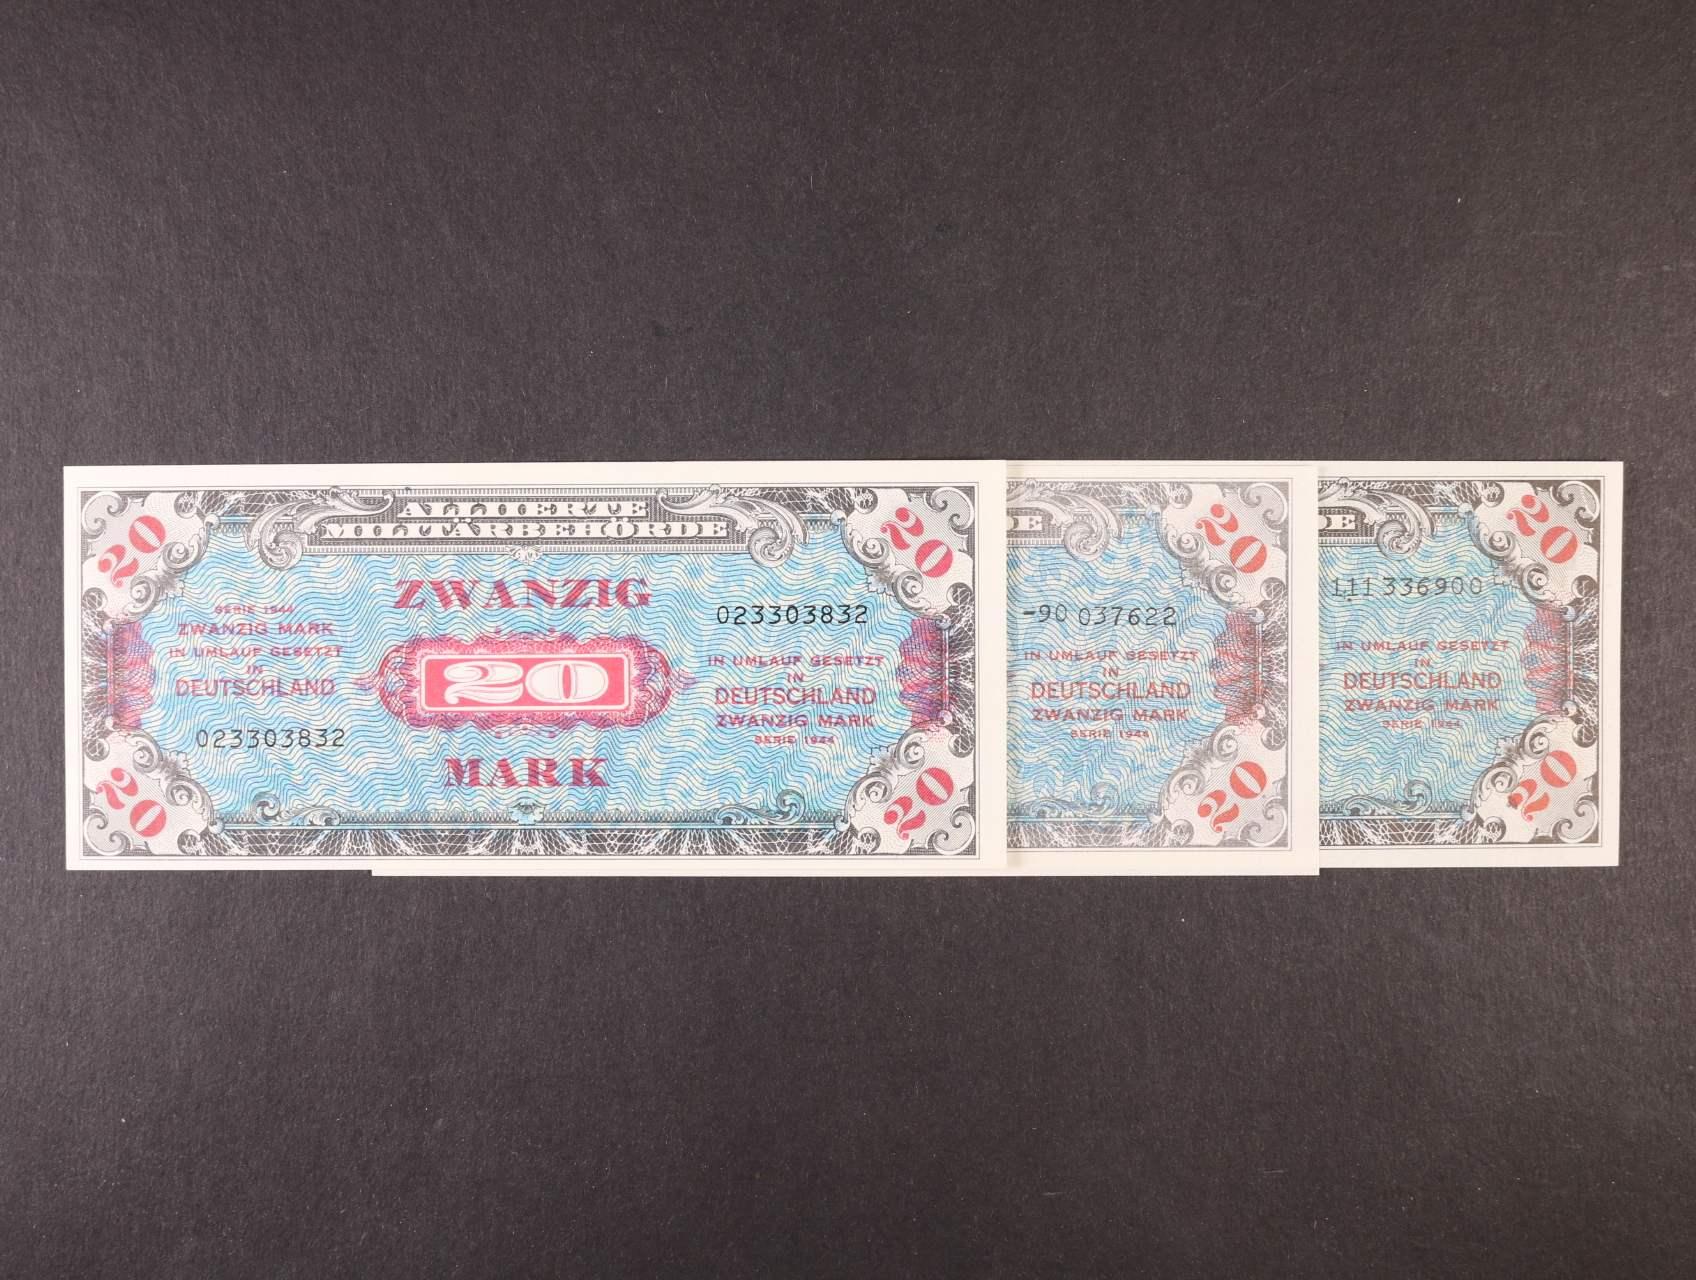 Allierte, 20 Mark 1944 9-ti místný číslovač, tisk USA + 8-mi a 9-ti místný číslovač, tisk SSSR, platné na ČS území, Ro. 204 a, c, d, Ba. AM5a, c, d